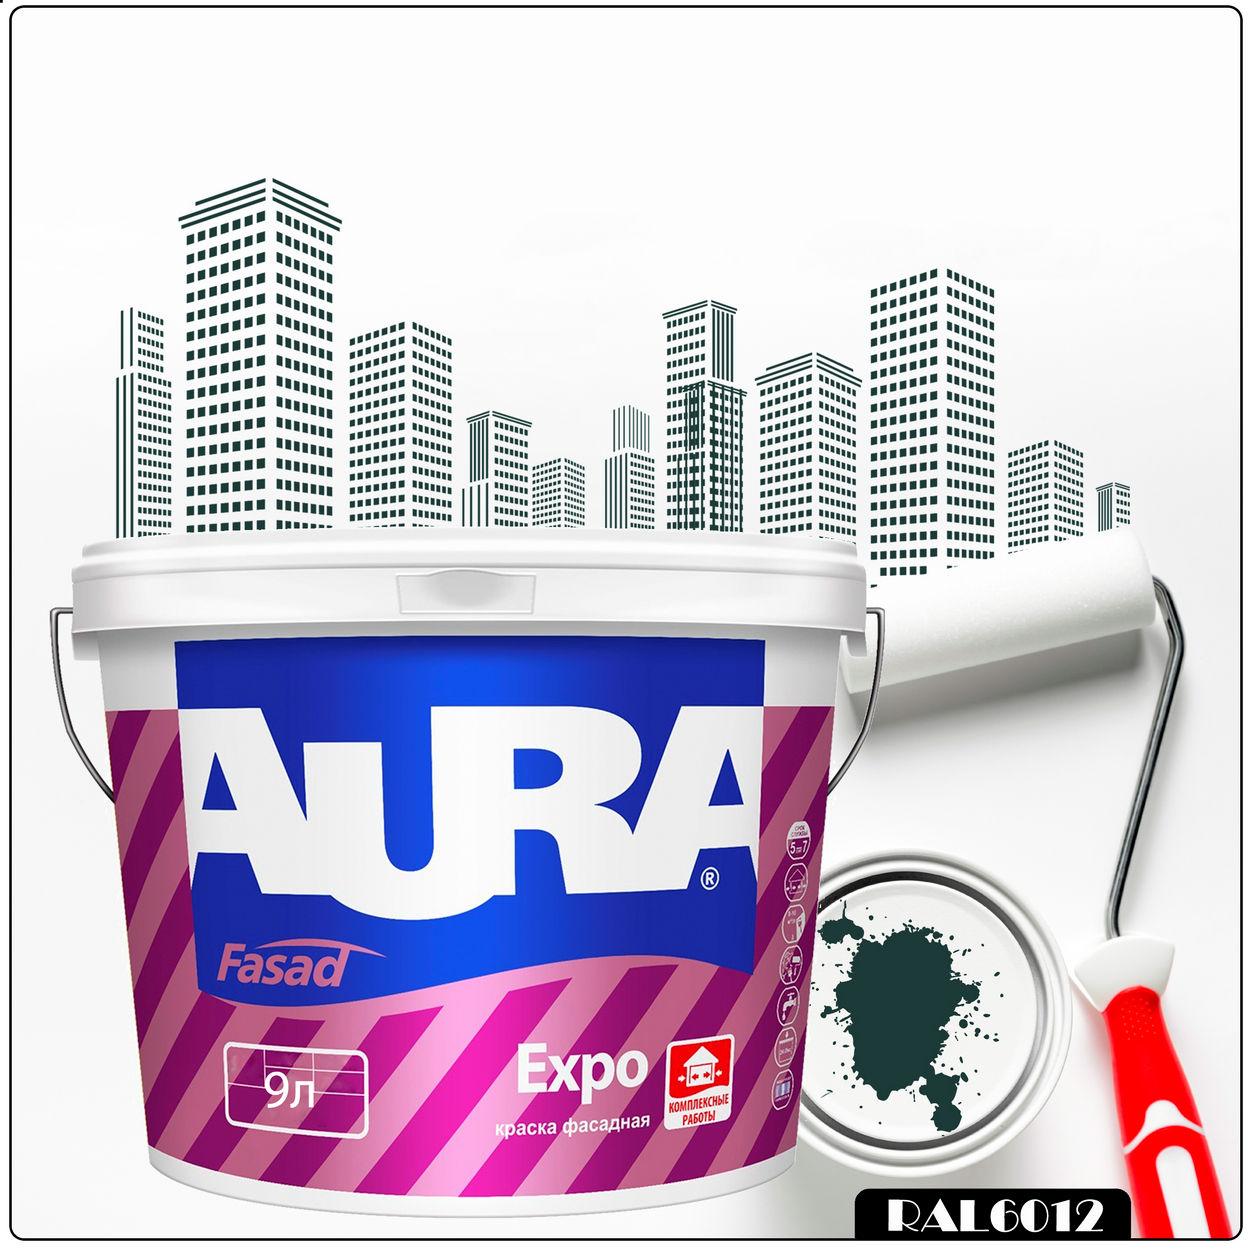 Фото 1 - Краска Aura Fasad Expo, RAL 6012 Чёрно-зелёный, матовая, для фасадов и помещений с повышенной влажностью, 9л.